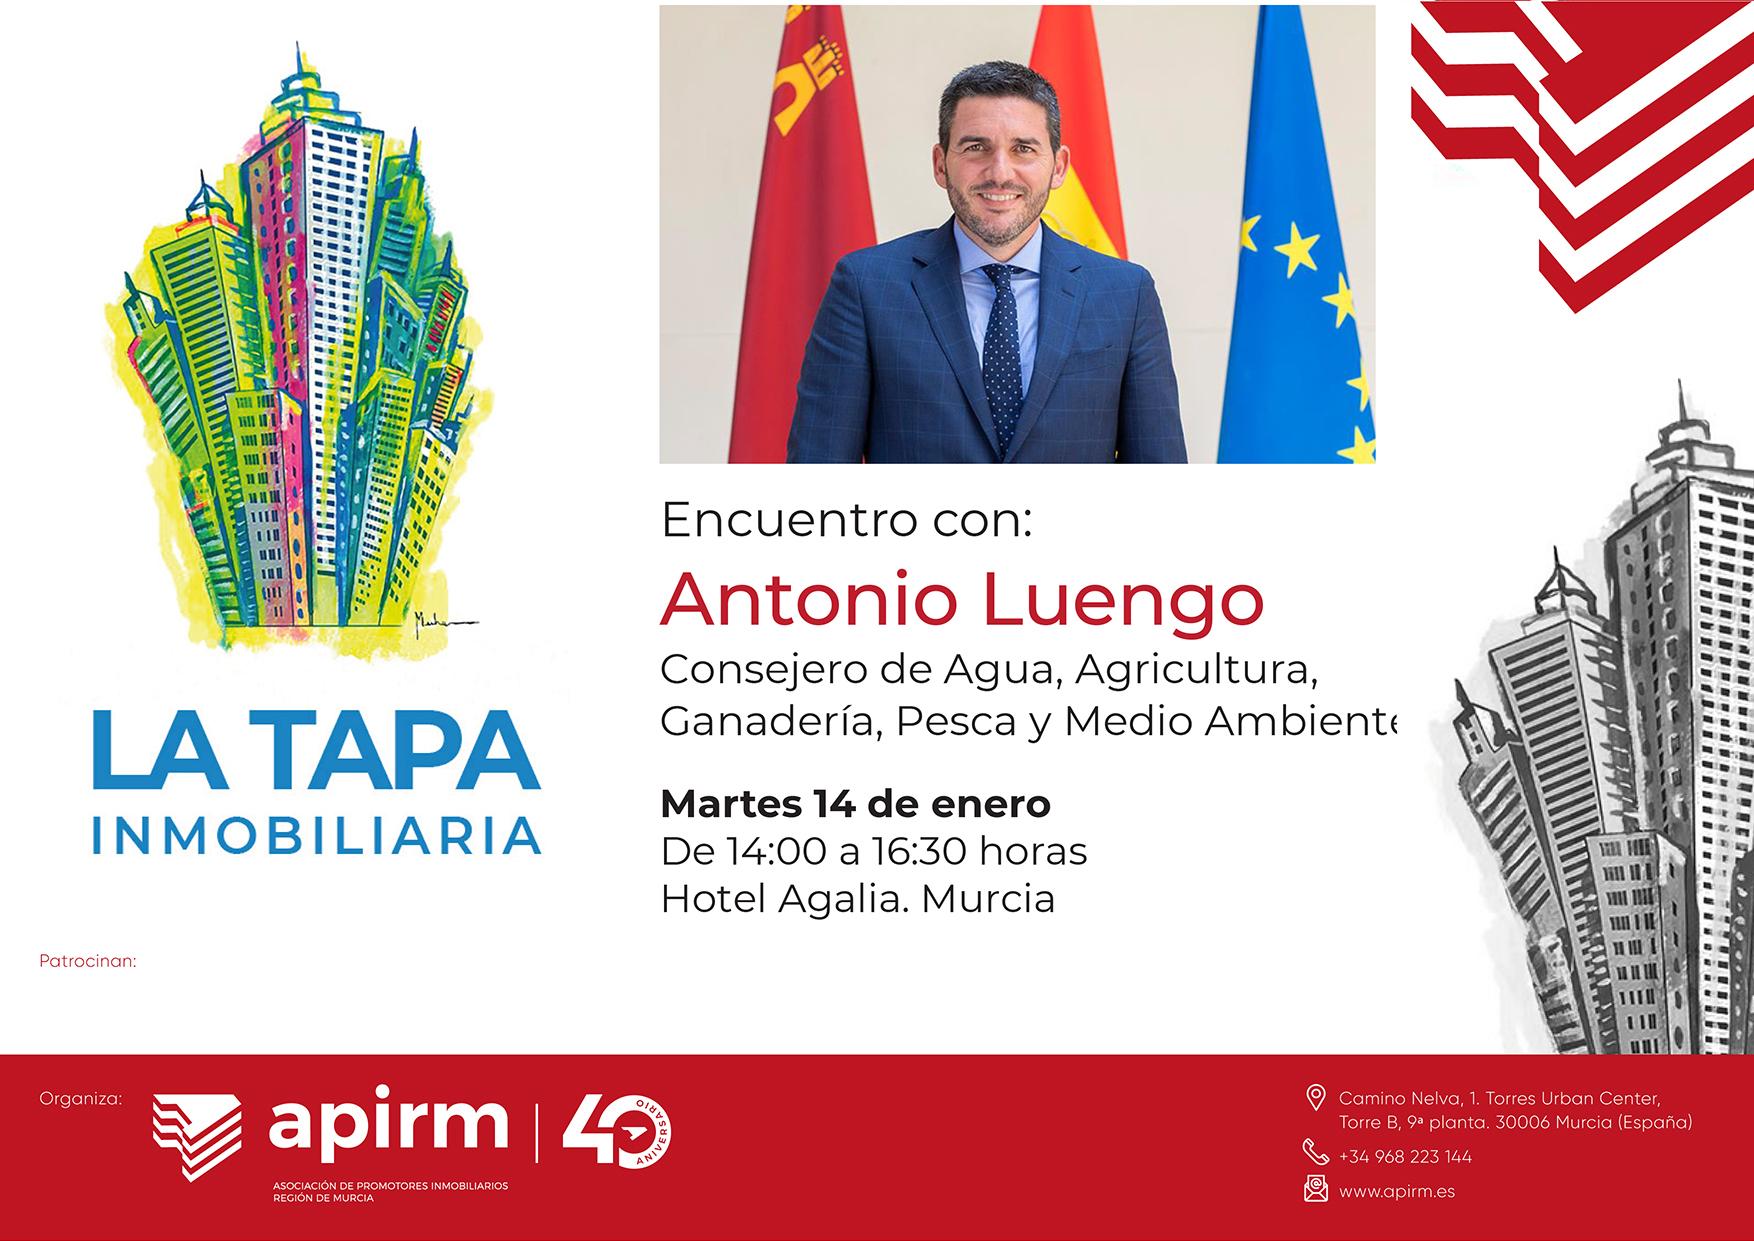 Encuentro de la TAPA INMOBILIARIA con ANTONIO LUENGO, Consejero de Agua, Agricultura, Ganadería, Pesca y Medio Ambiente de la Comunidad Autónoma